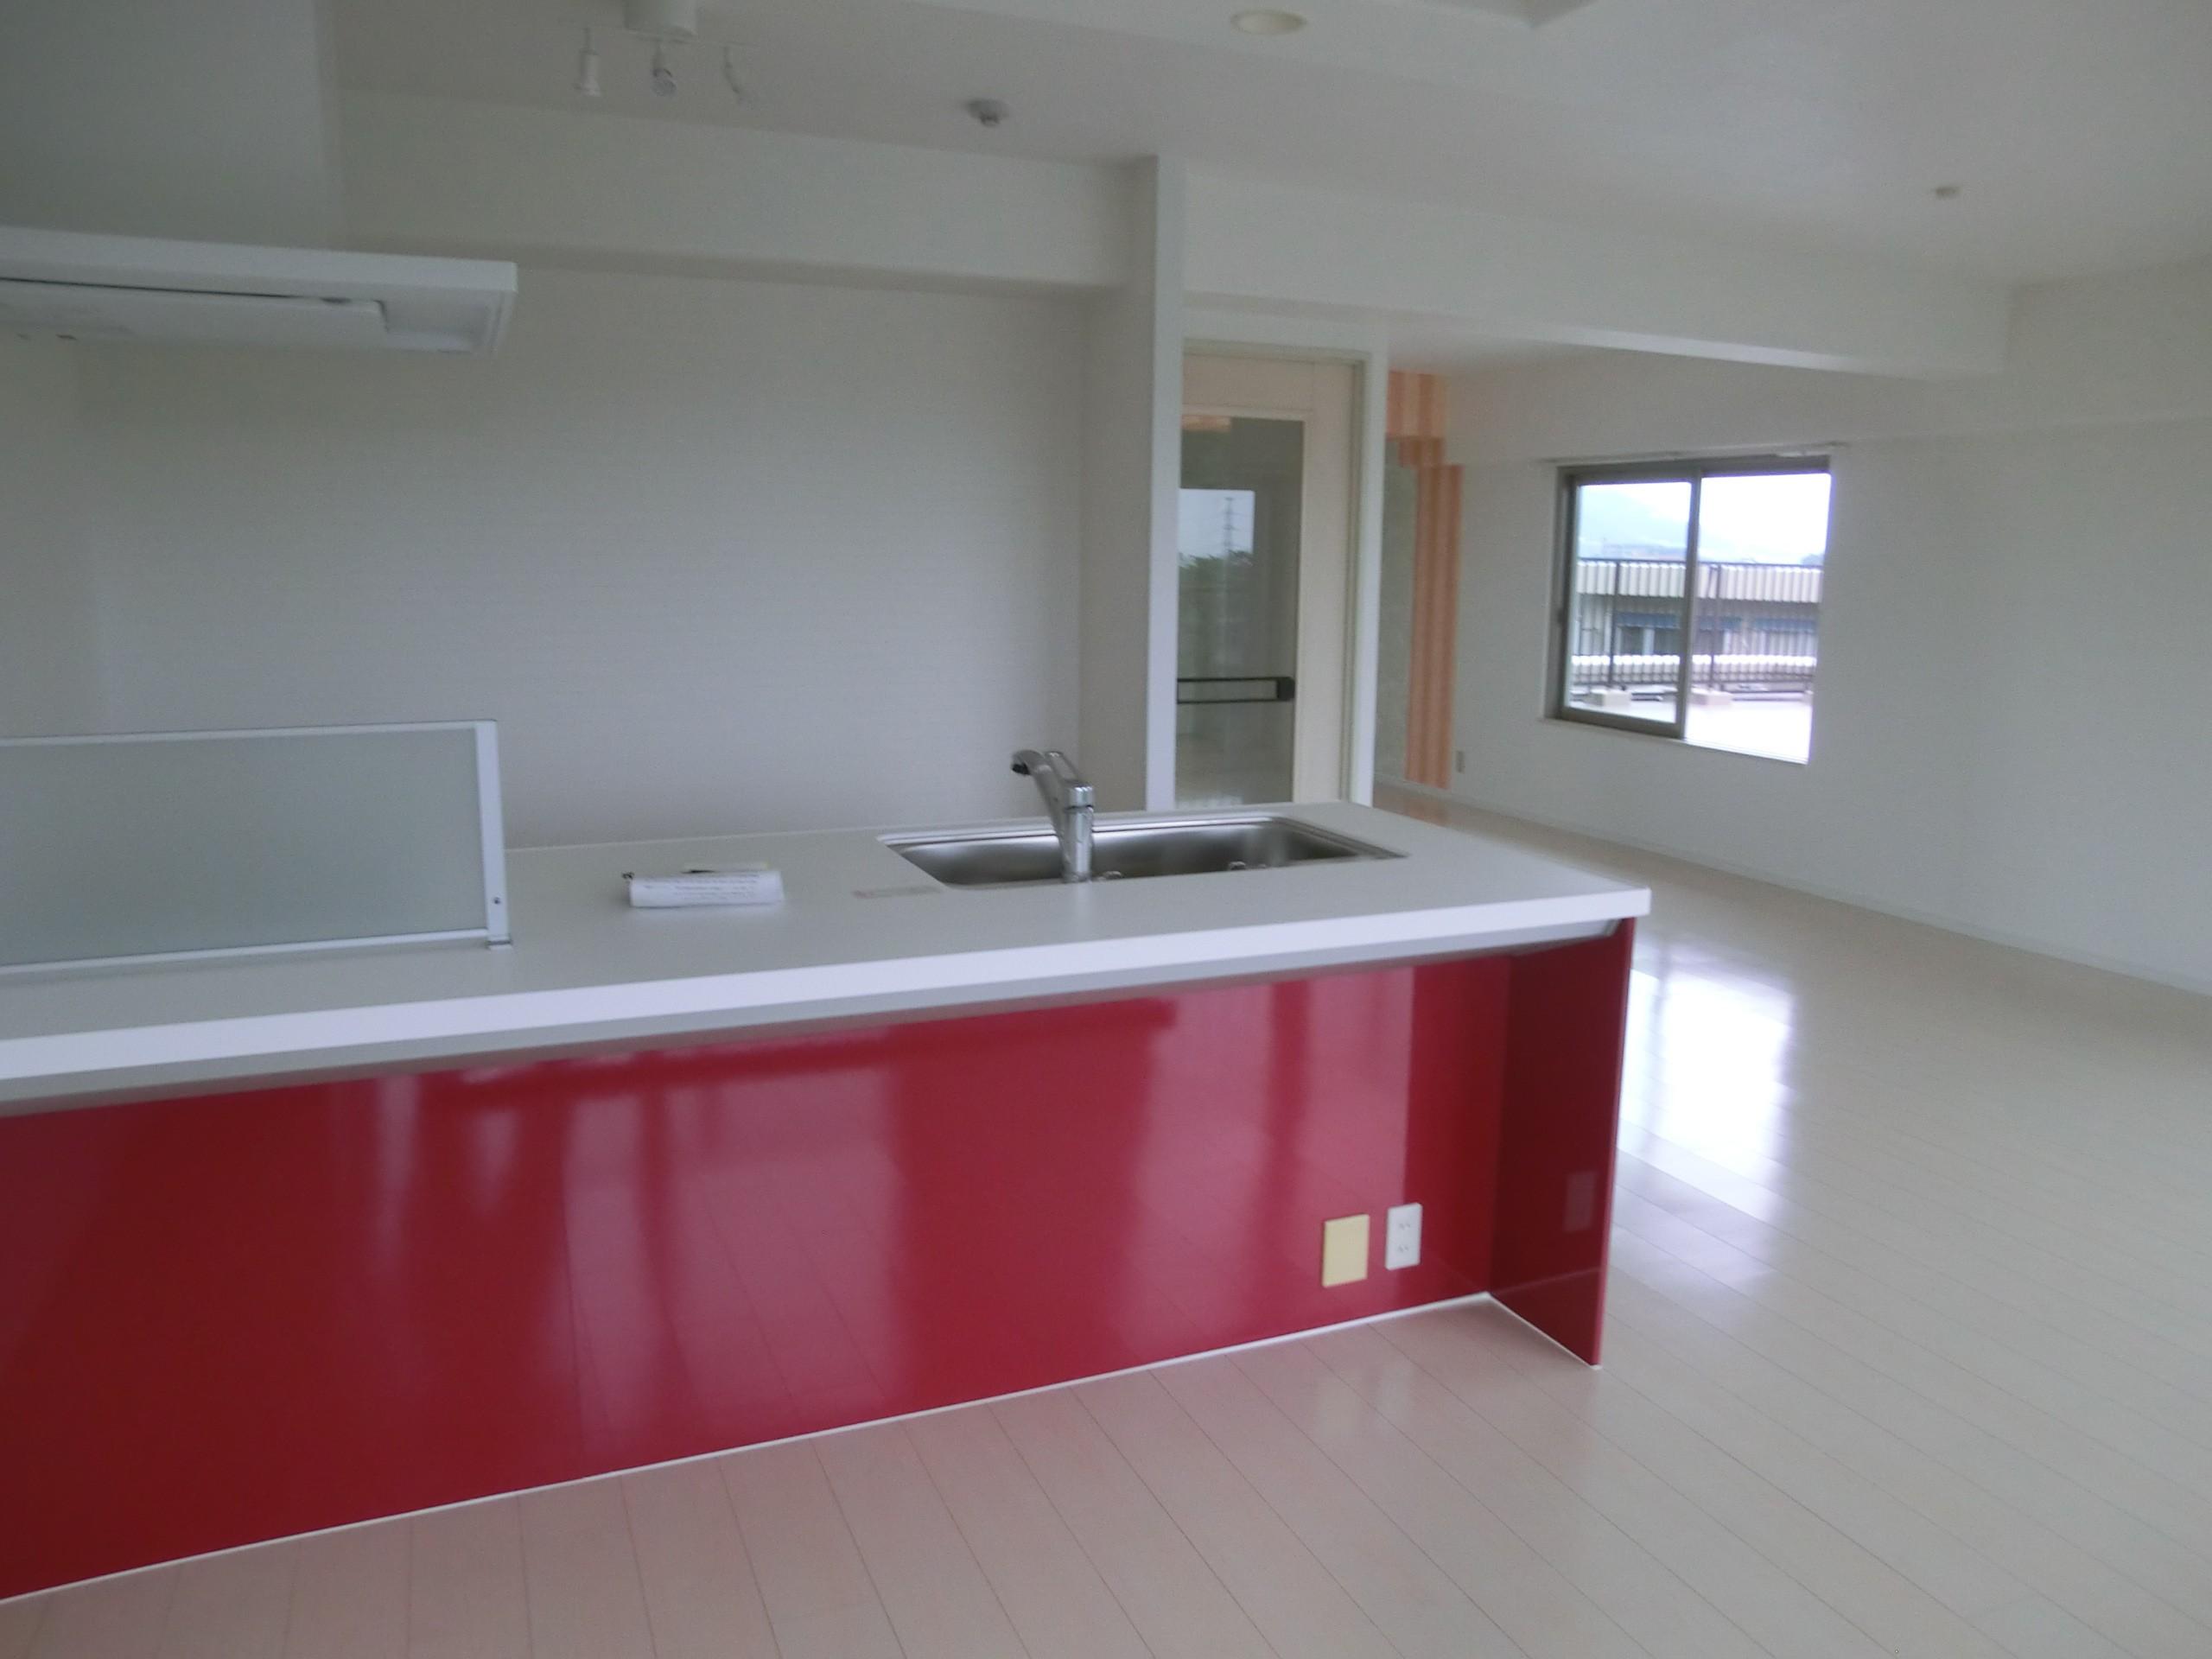 キッチン事例:リビング側から(ビビットなカラーのキッチンが中心のマンションリフォーム)